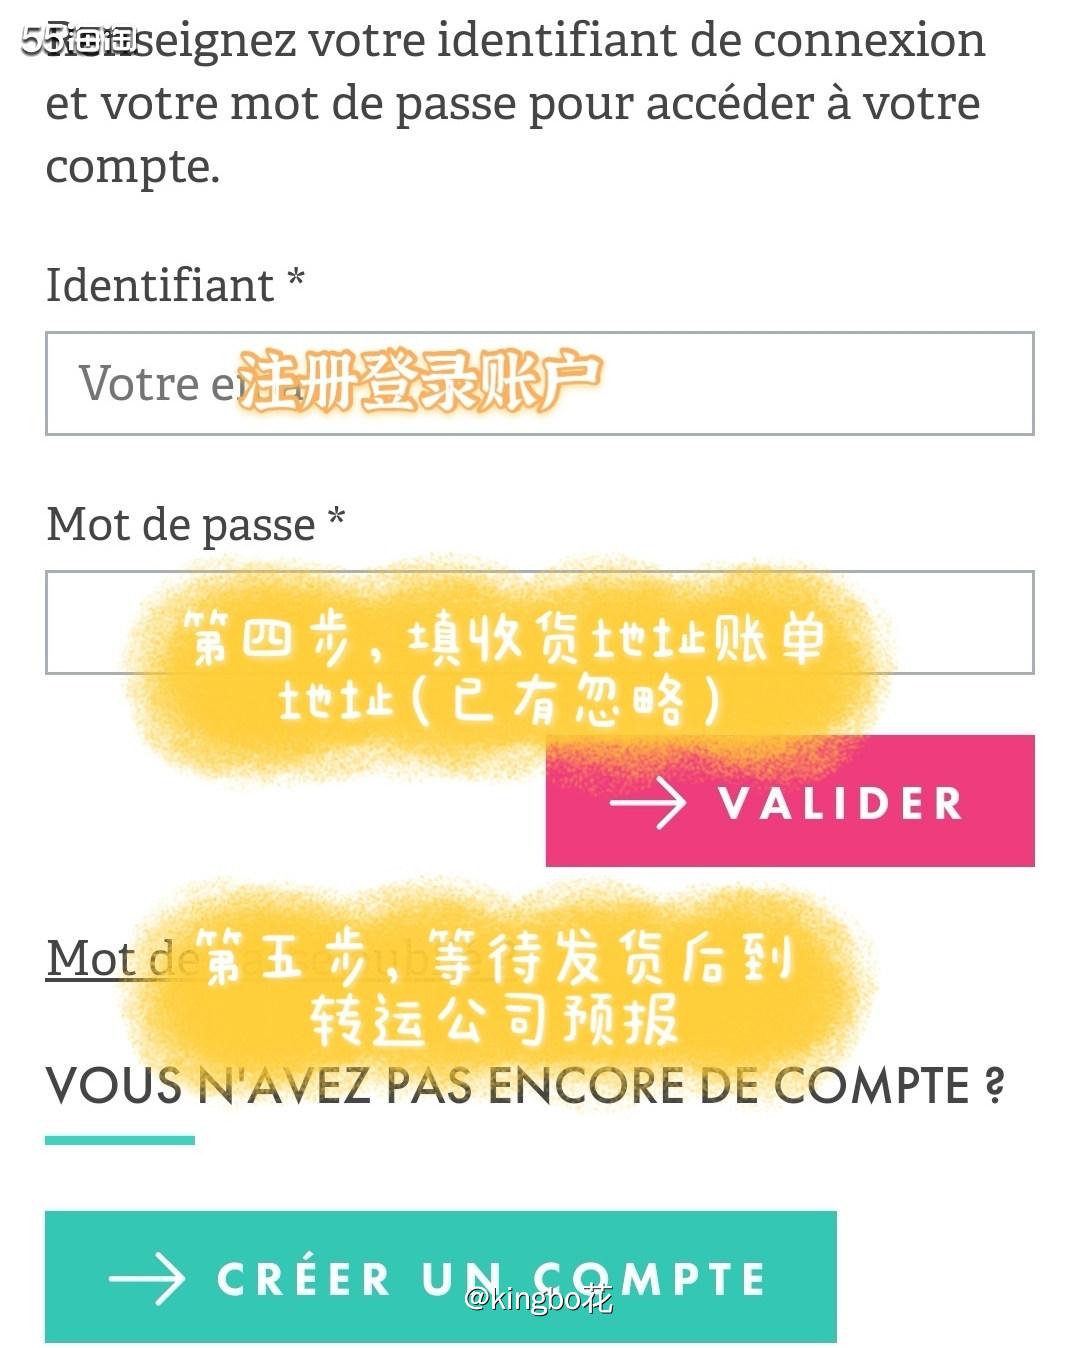 五步搞定法国黑家网上药店,法淘也很简单!  Paraphar